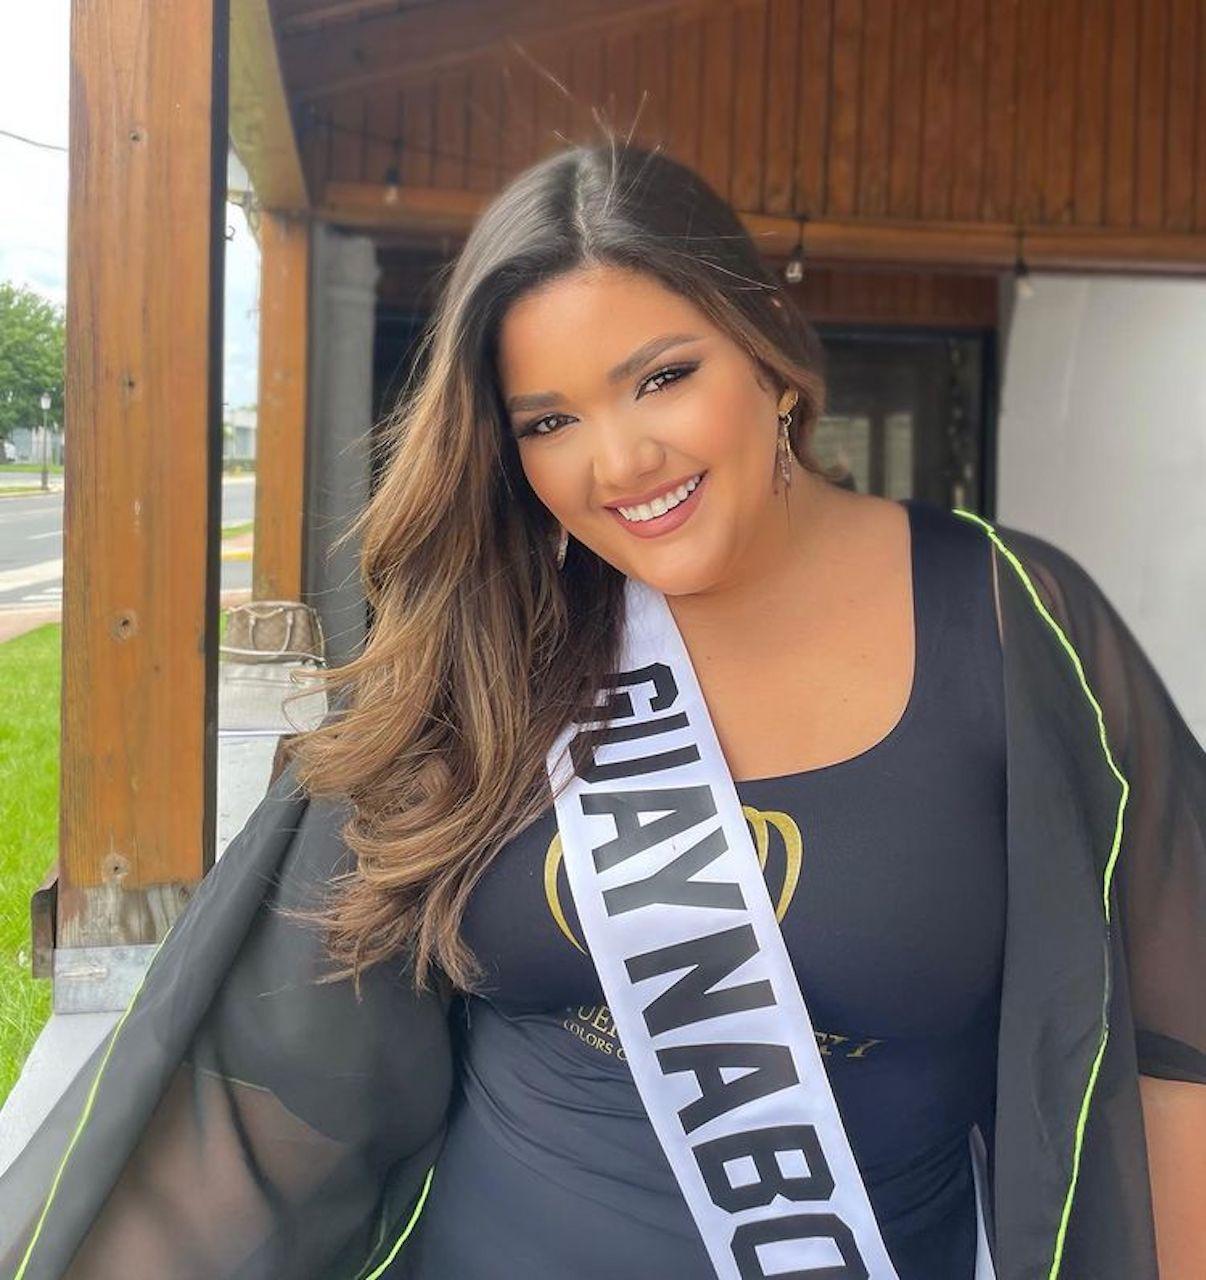 Người mẫu ngoại cỡ gây chú ý khi tham gia Hoa hậu Trái đất Puerto Rico 2022